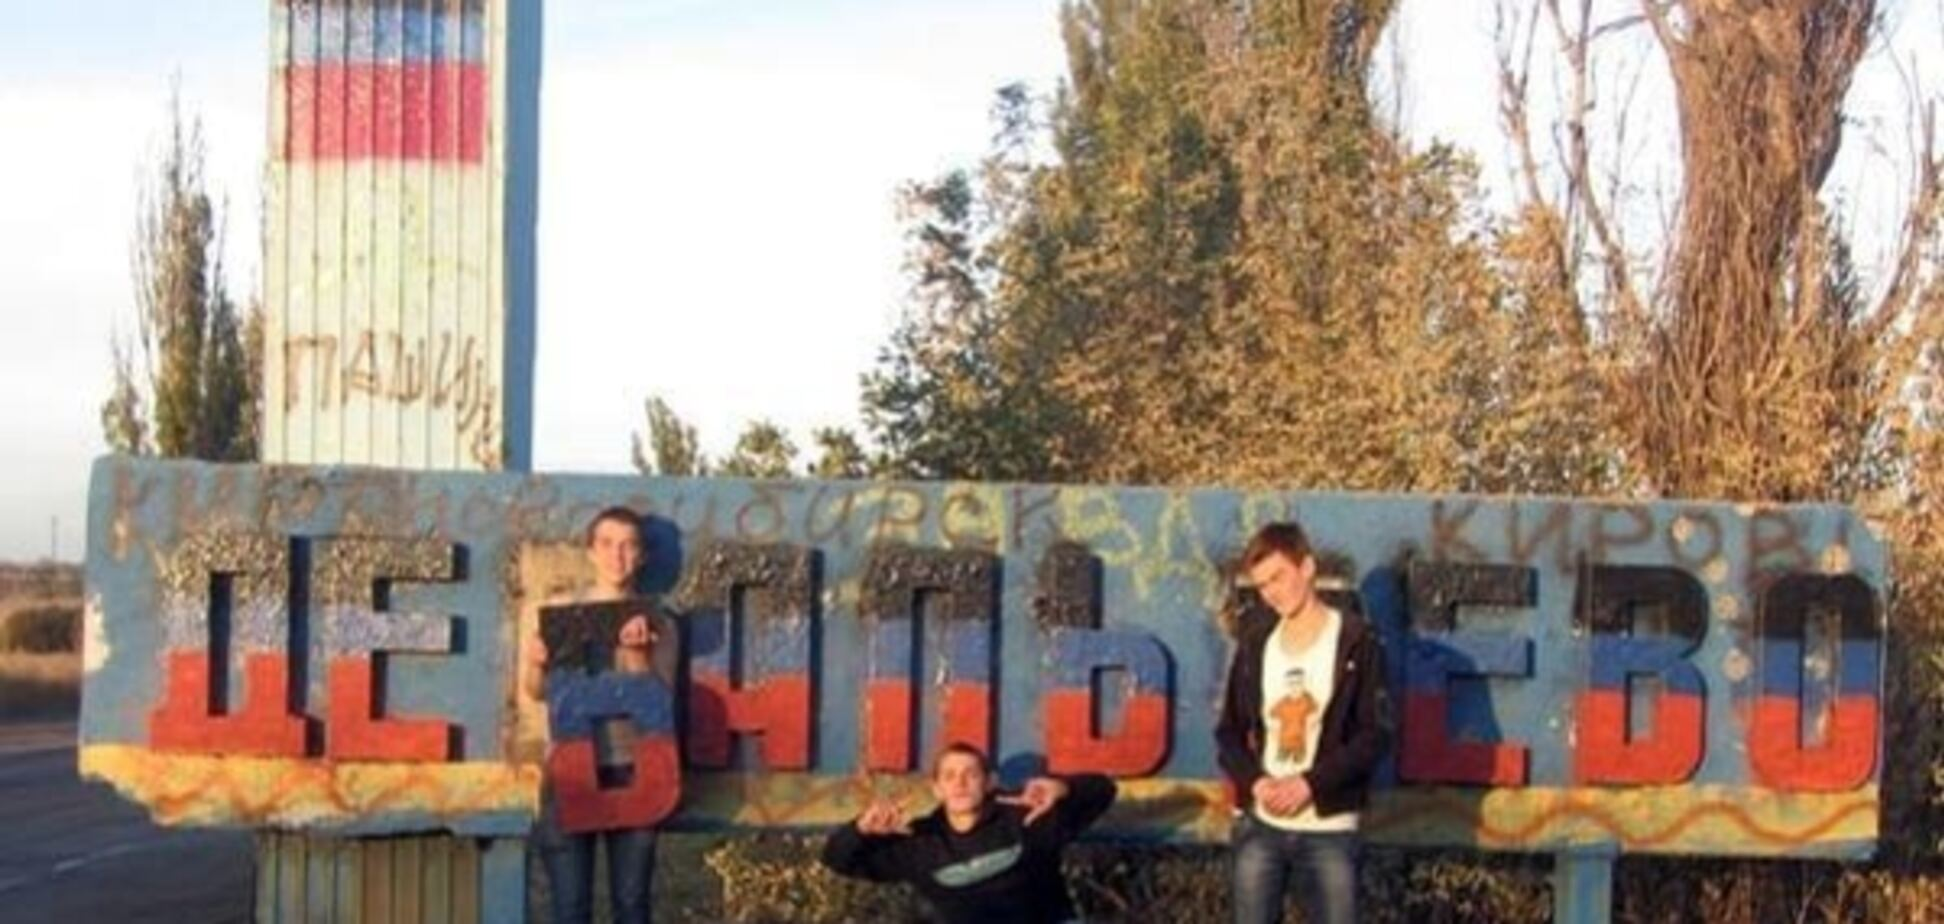 'Російські забави': у мережі показали фото 'культурного' дозвілля молоді Дебальцевого